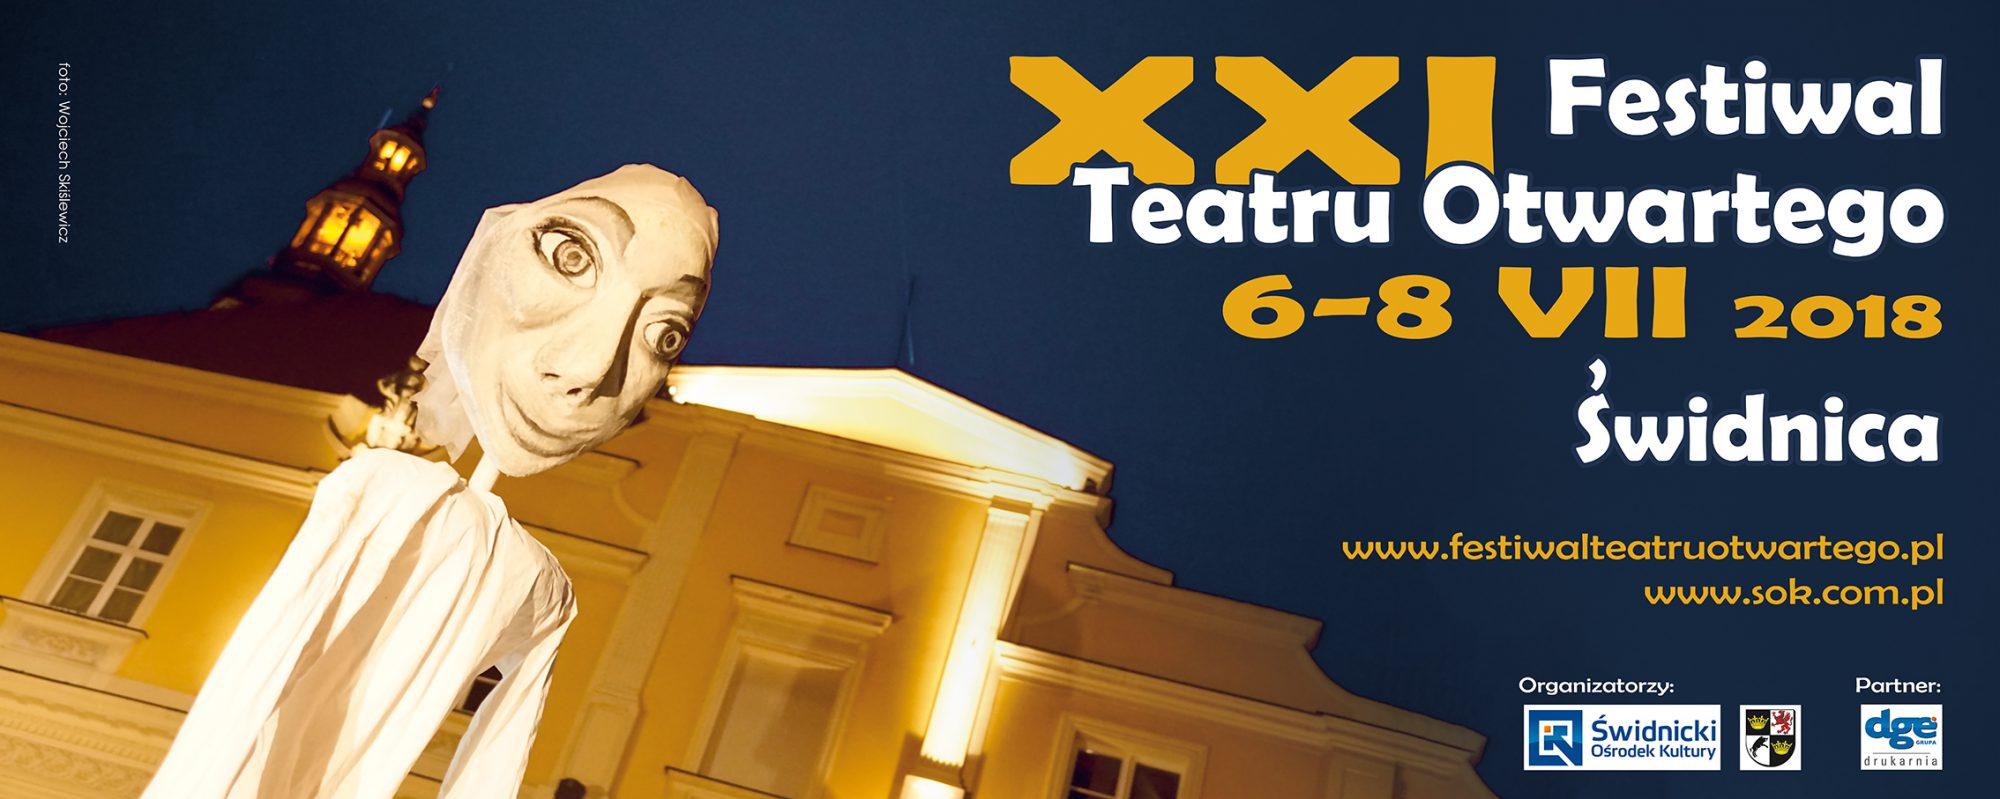 Festiwal Teatru Otwartego